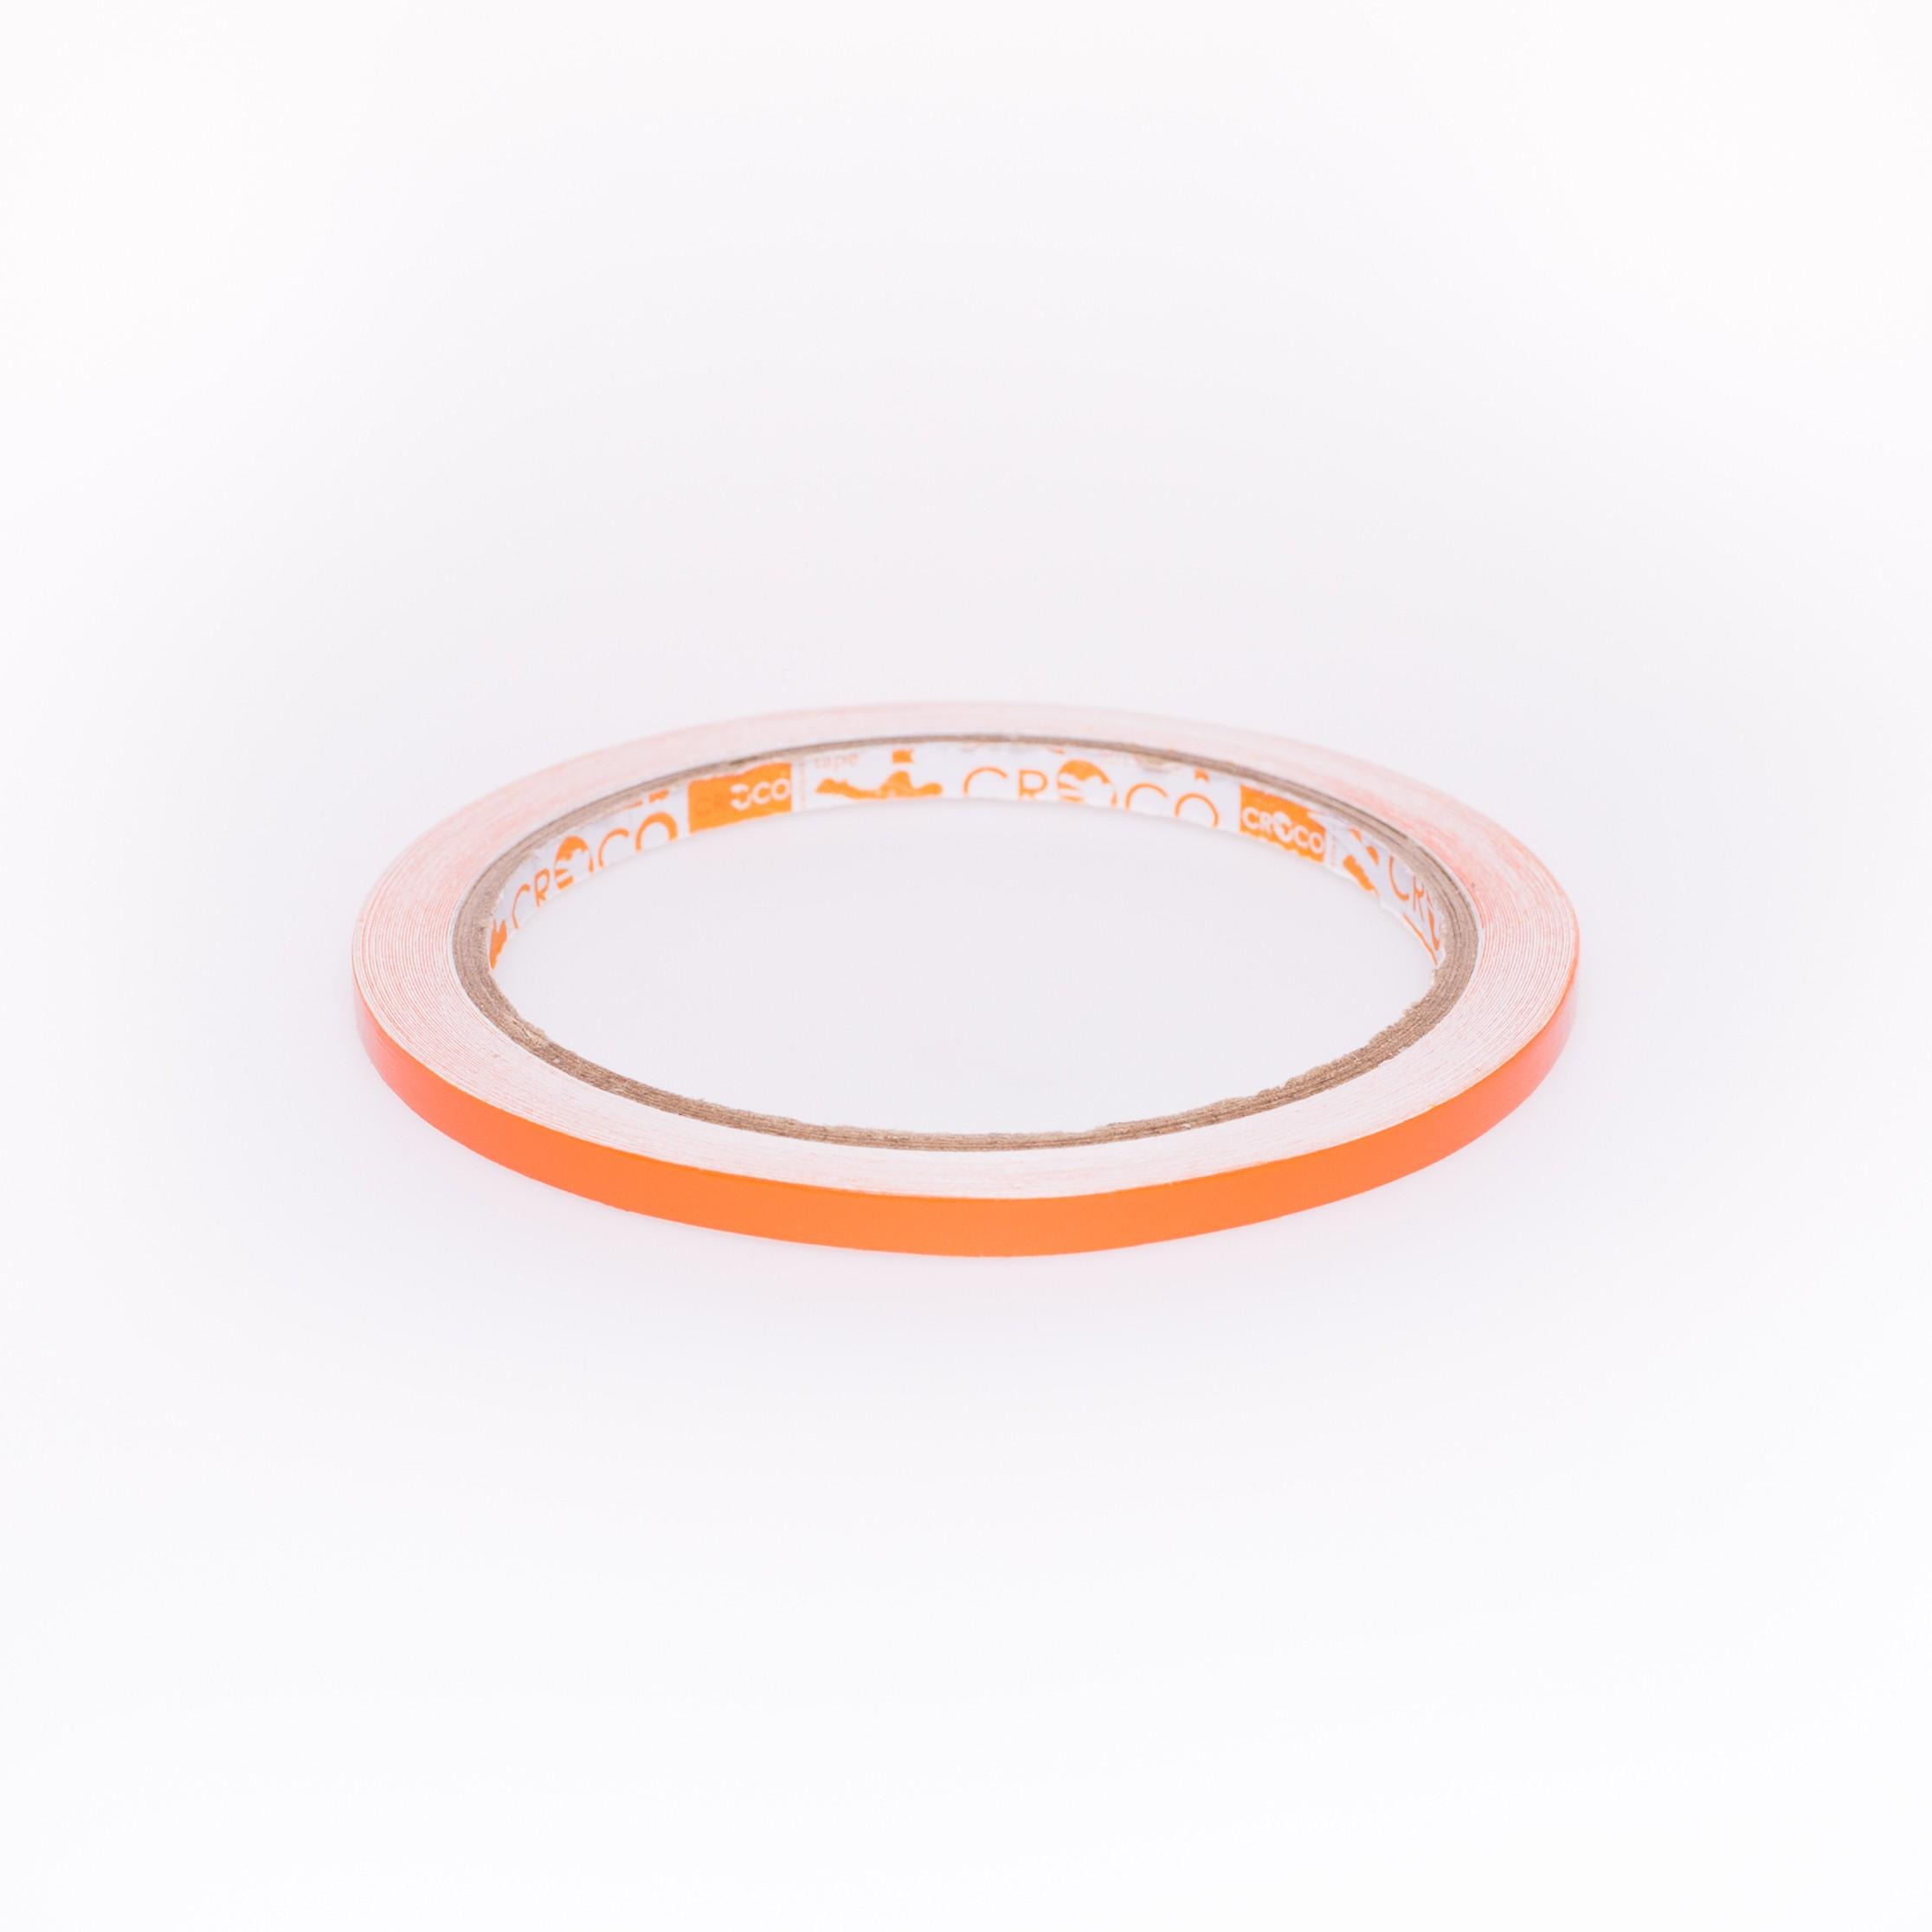 เทปตีเส้น Croco PVC สีส้ม 5 มม.x9 หลา